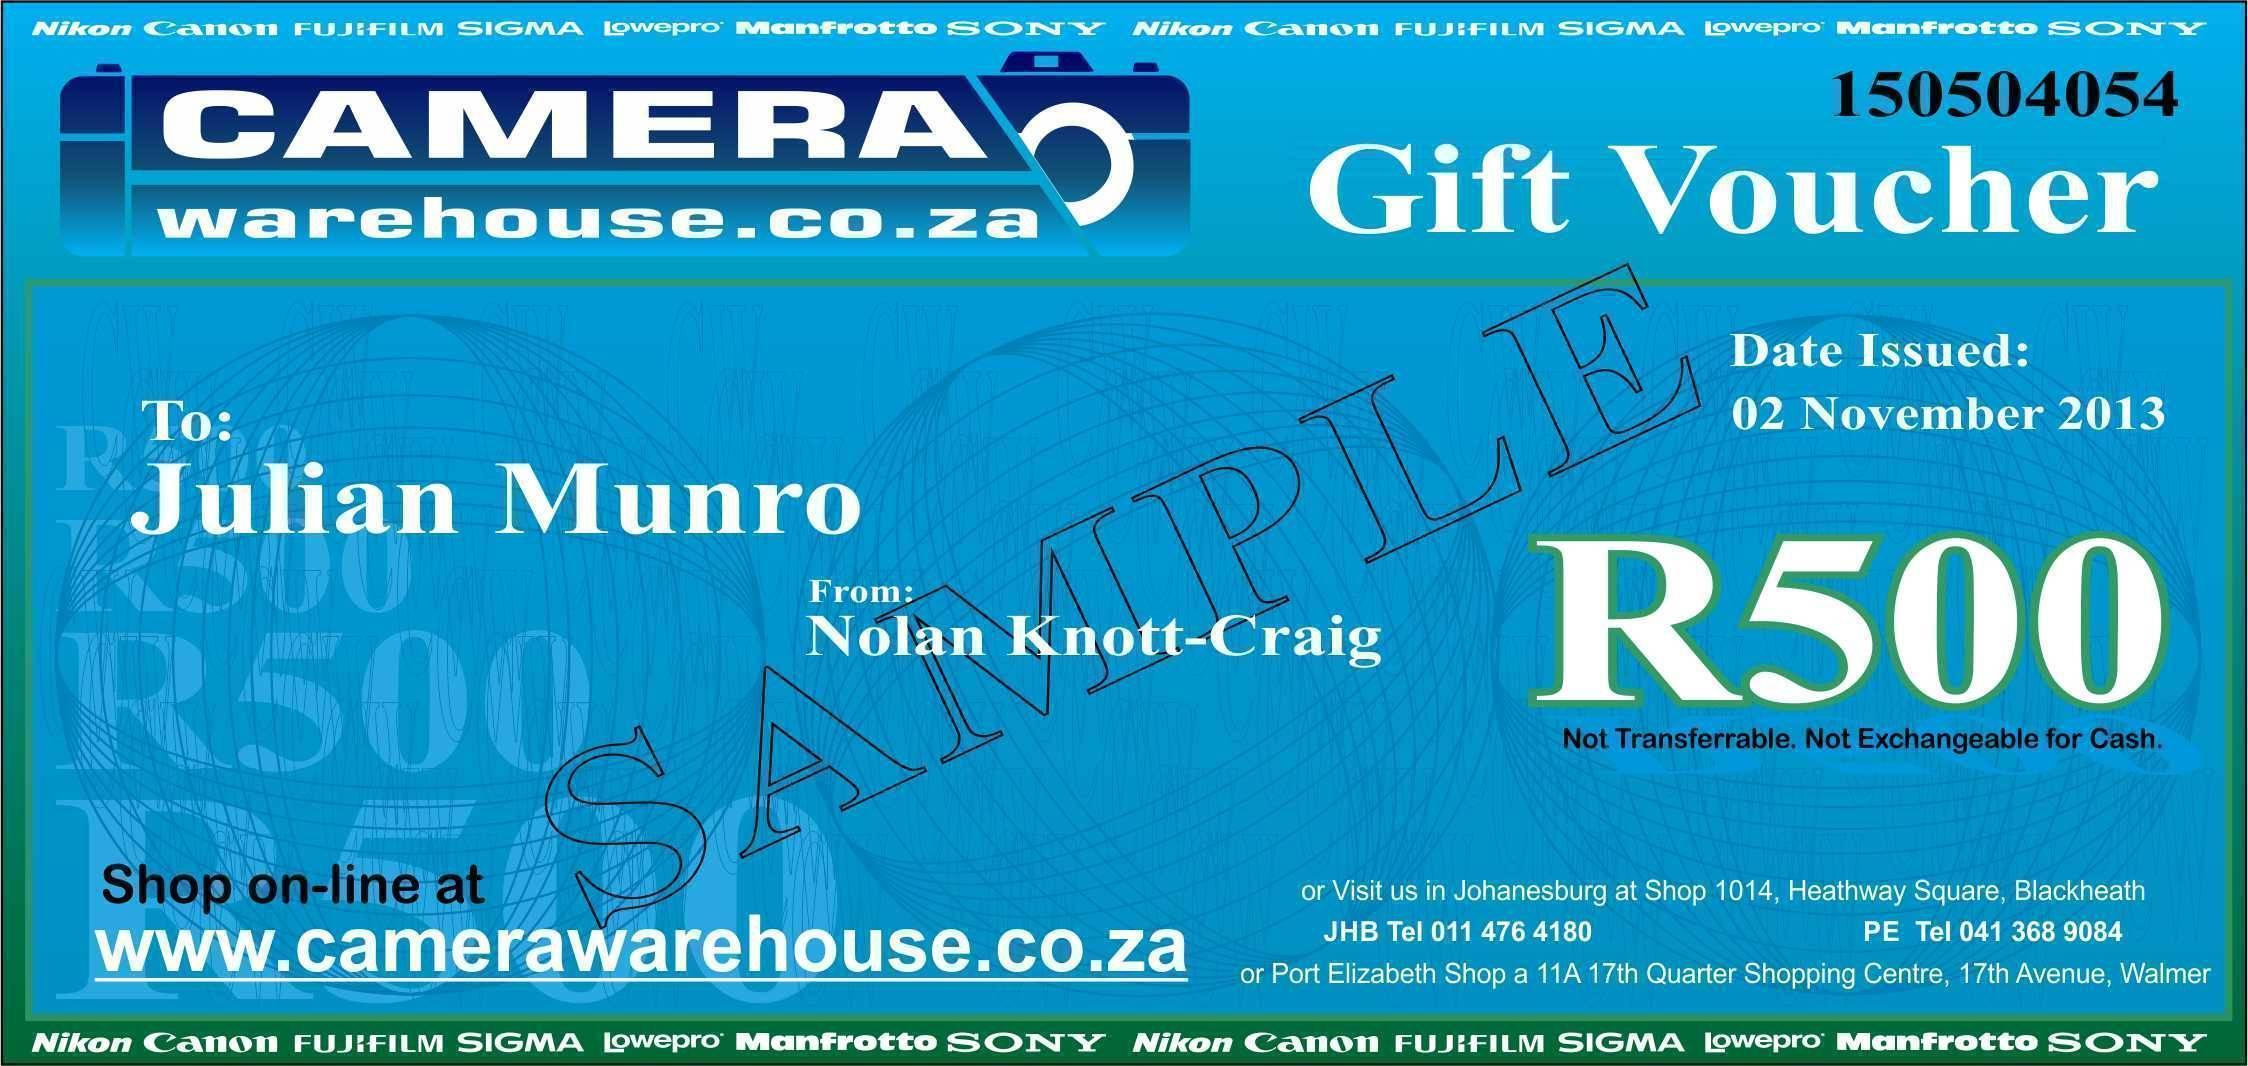 Gift Voucher R500.00